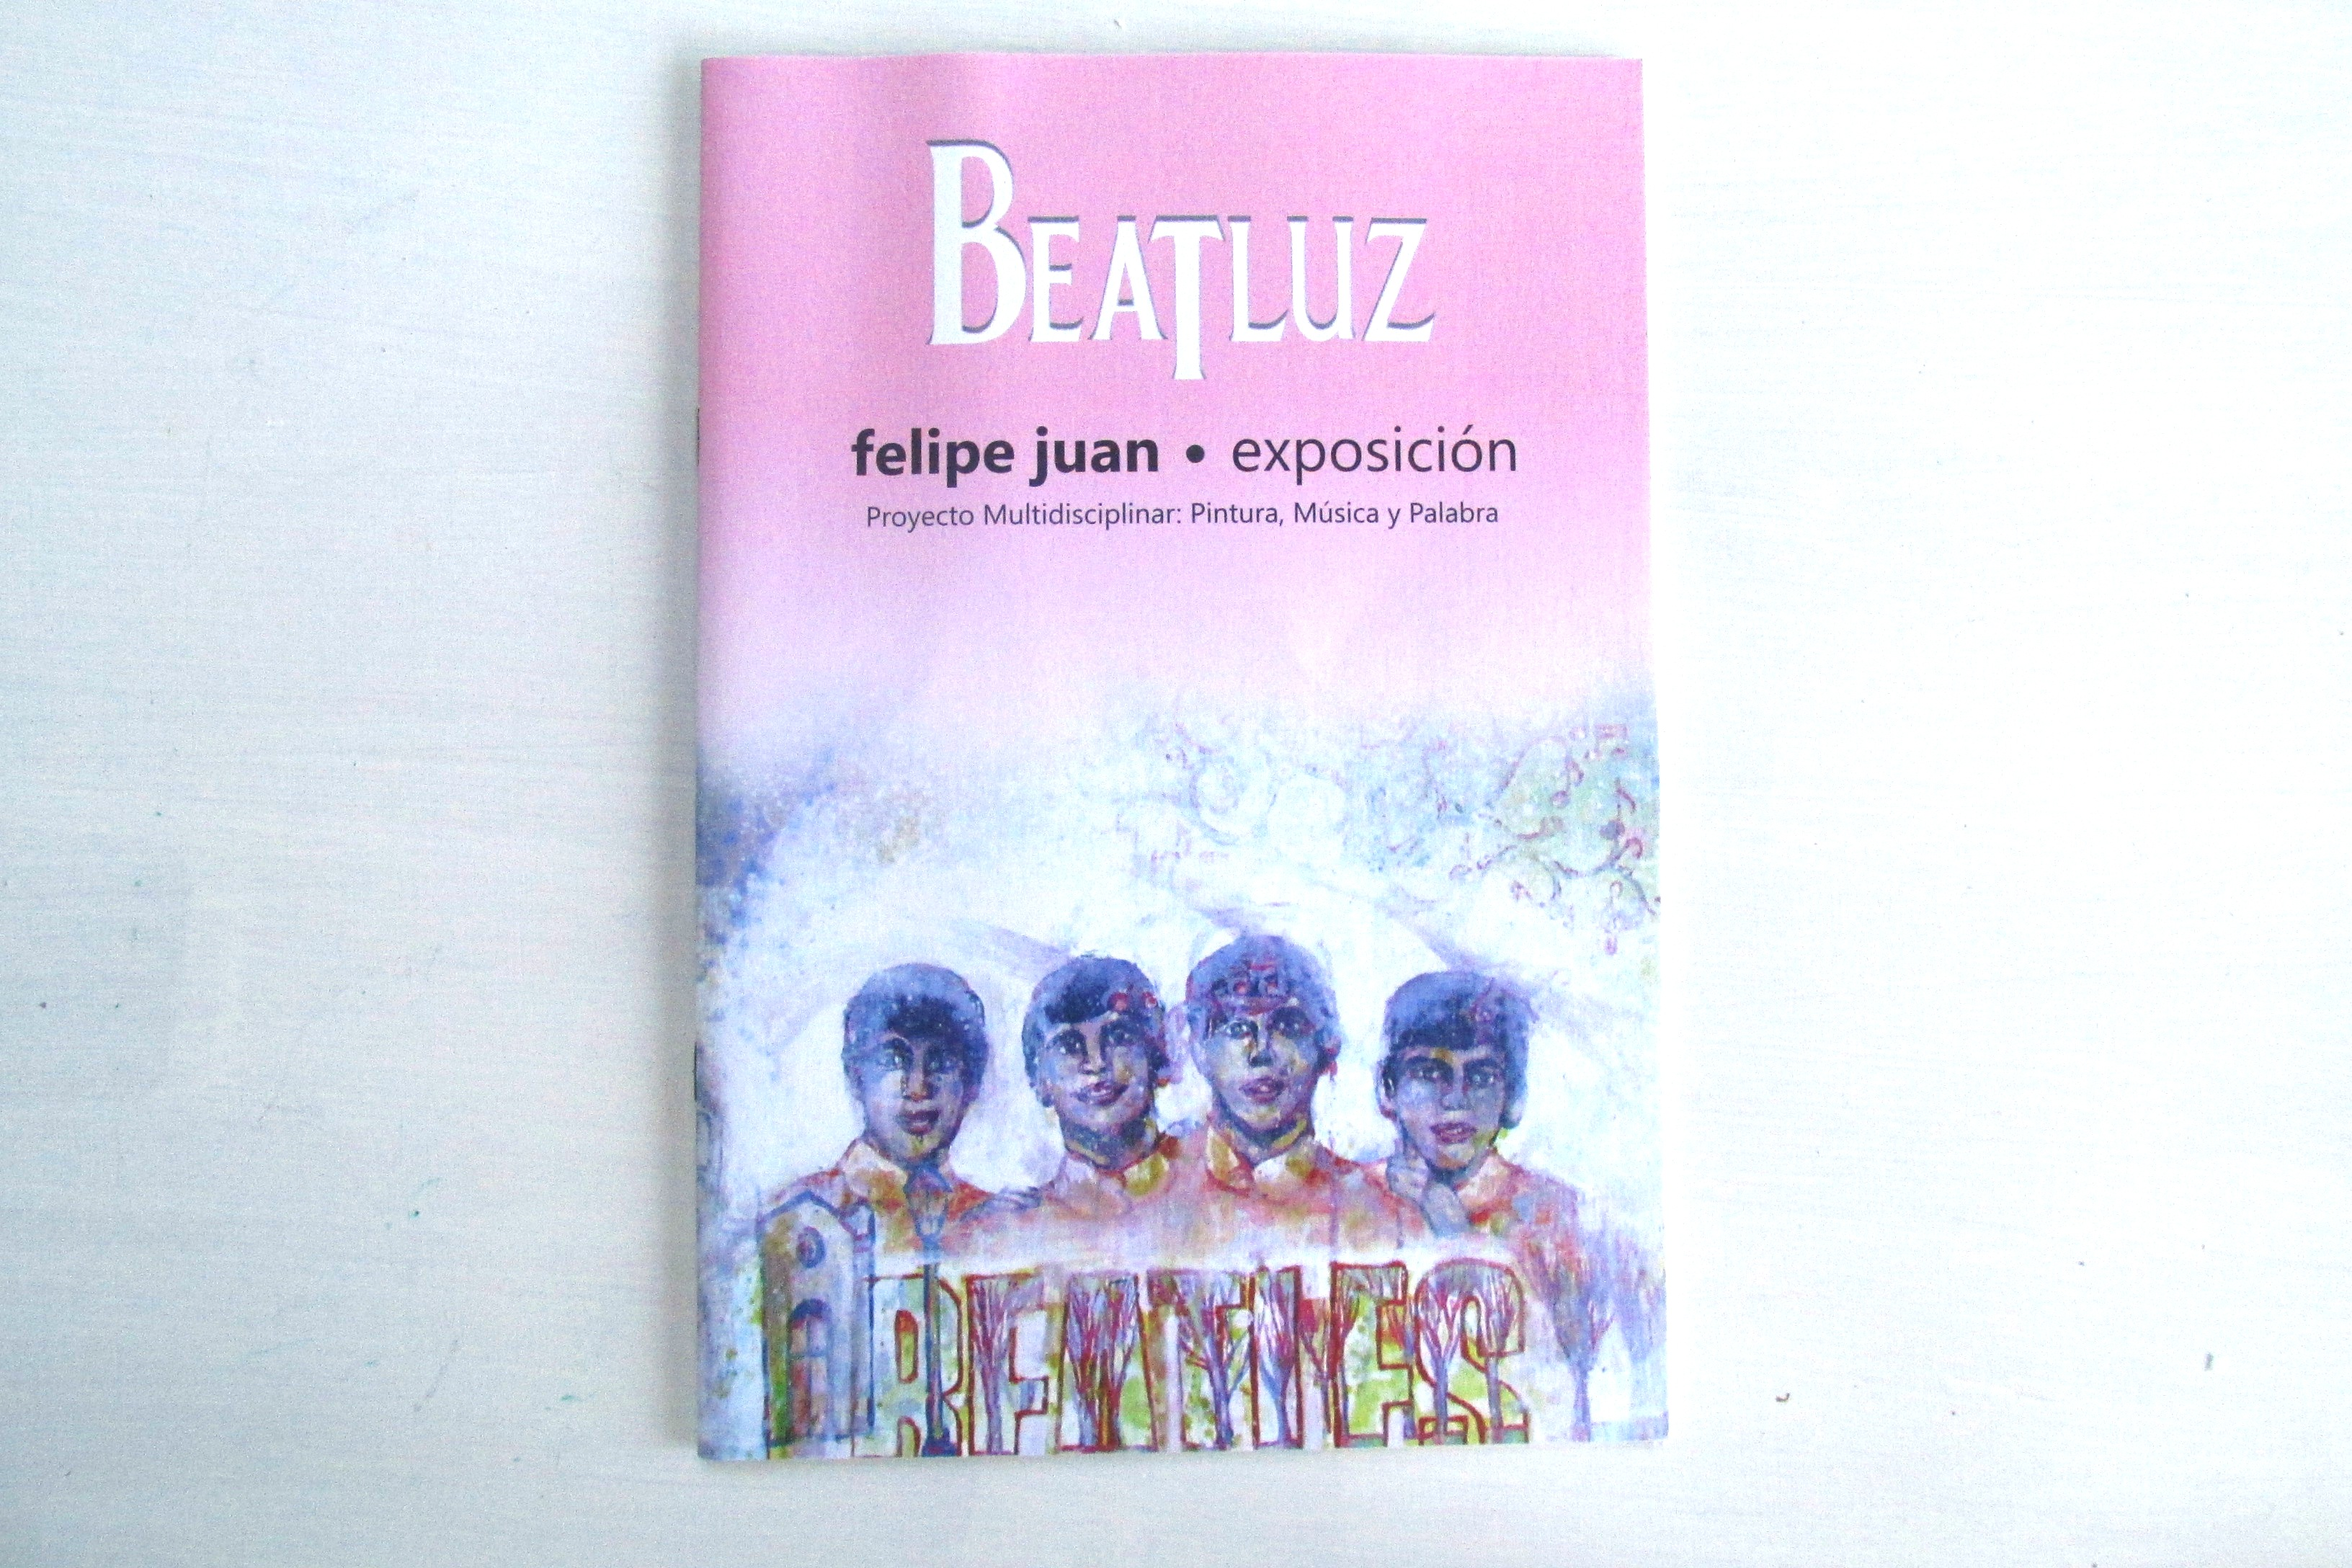 Catálogo BeatLuz 2015